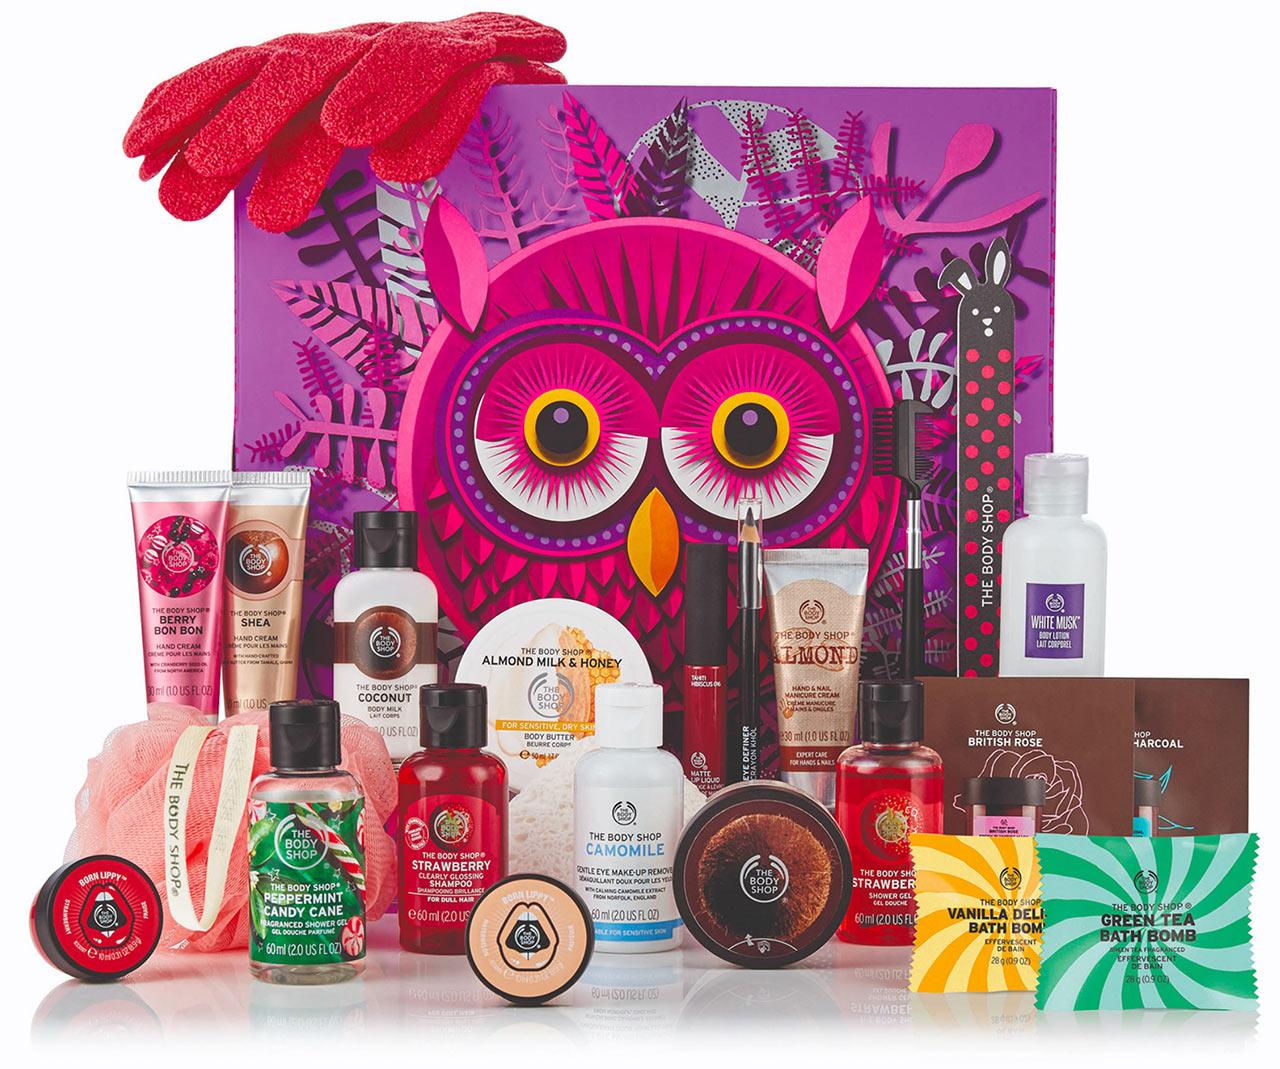 Calendrier de l'avent The Body shop découverte 2018 : un calendrier de l'avent beauté pour adultes rempli de petits cadeaux pour femme